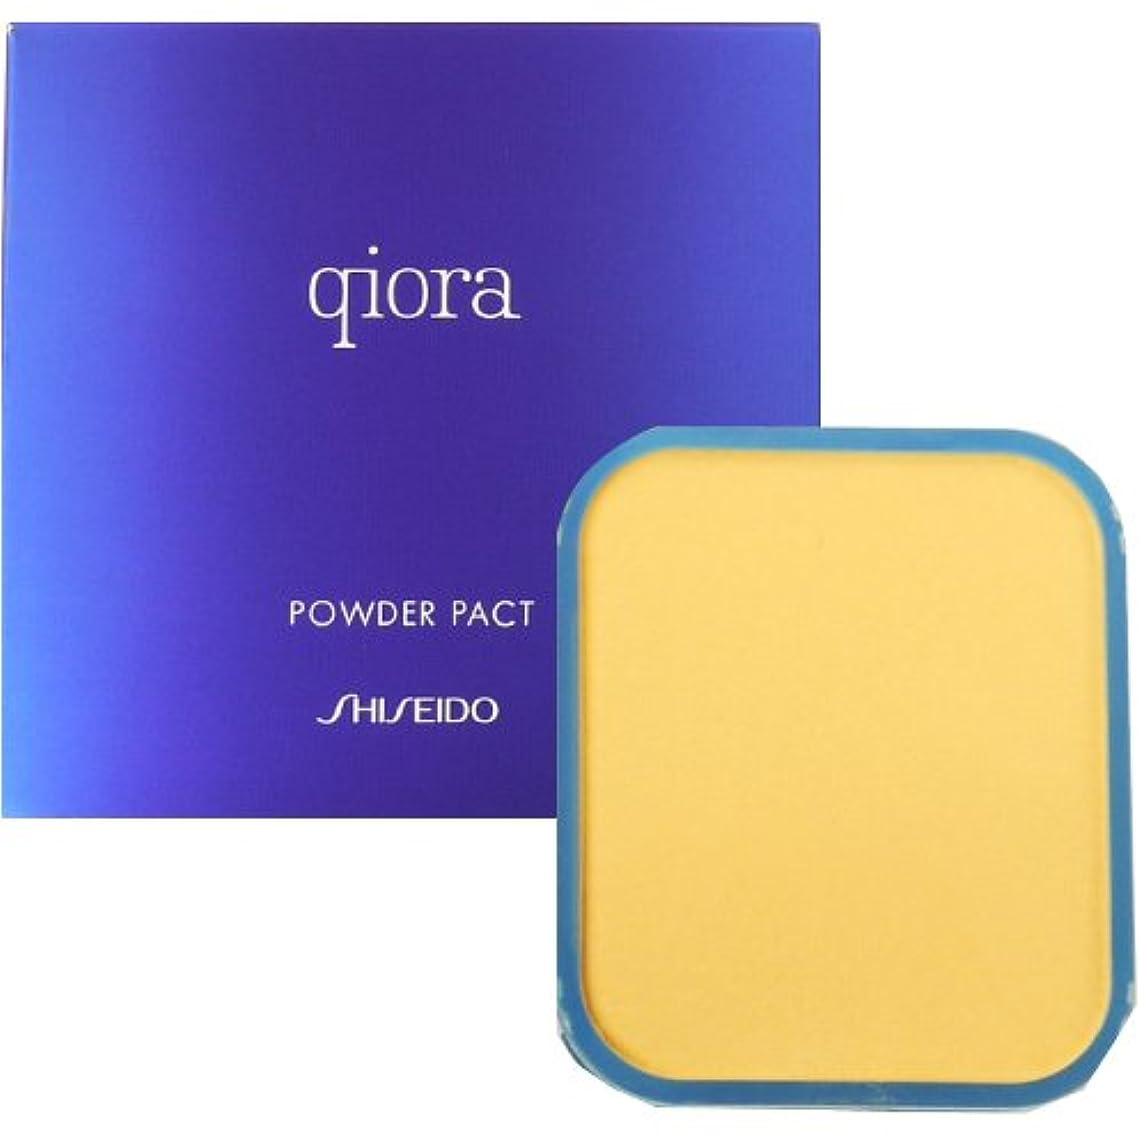 くそーセンサーブレーキ資生堂 キオラ qiora パウダーパクト SPF17 PA++ 【詰め替え用】 10g【オークル20】